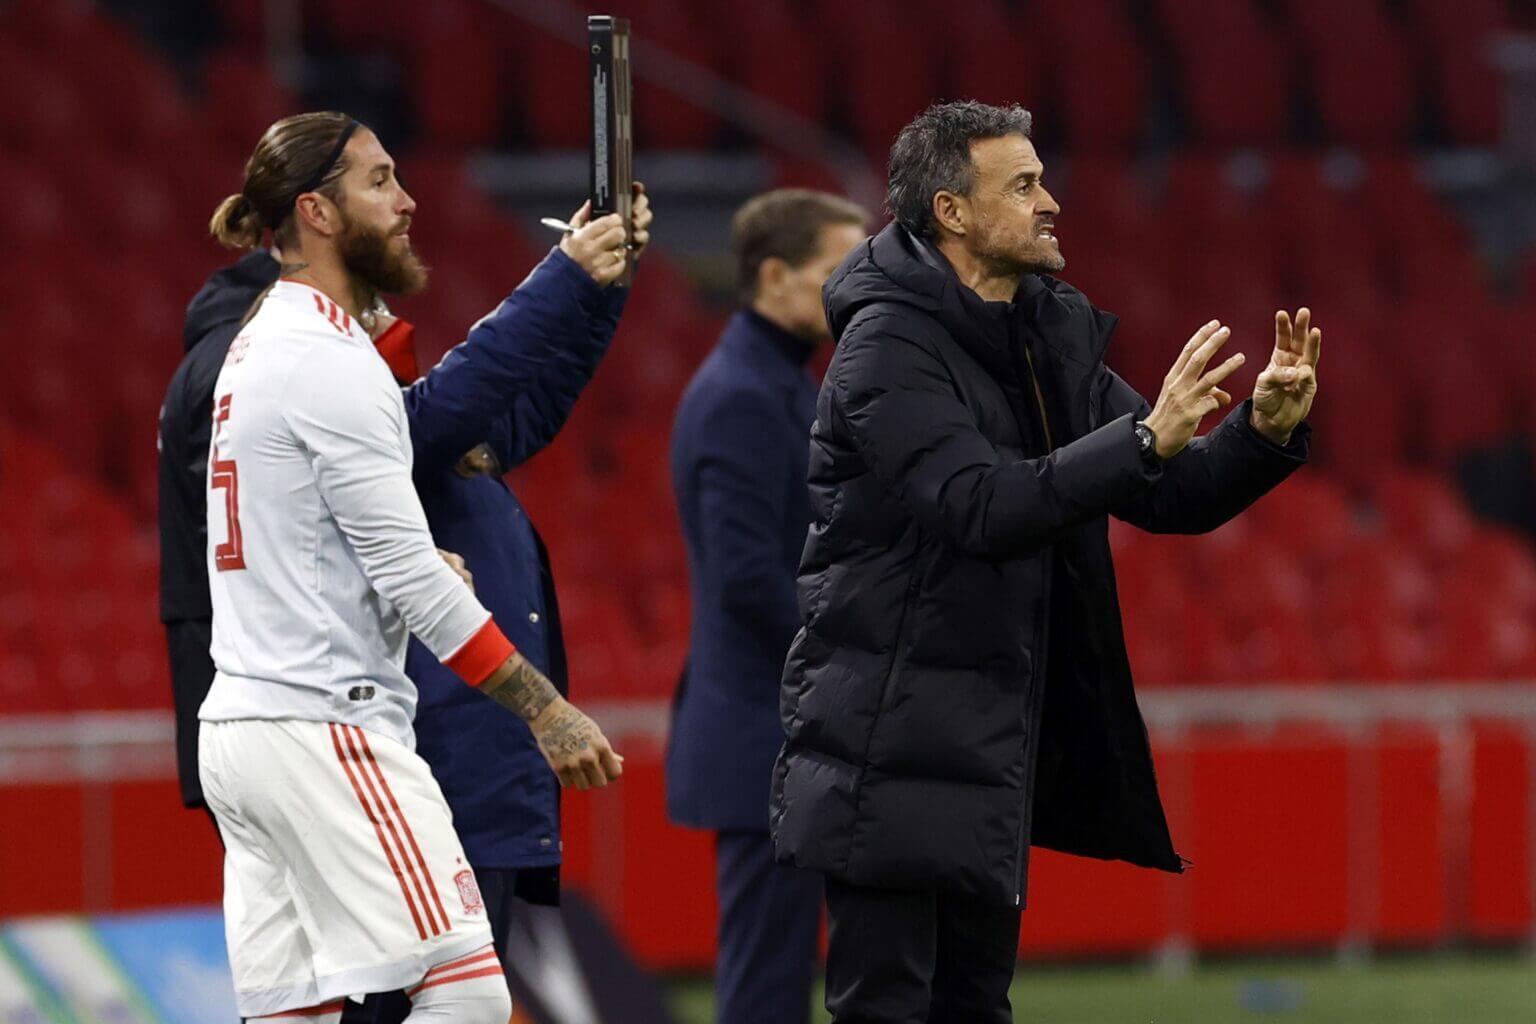 Quyền lực cầu thủ được ám chỉ vào vai trò của Sergio Ramos